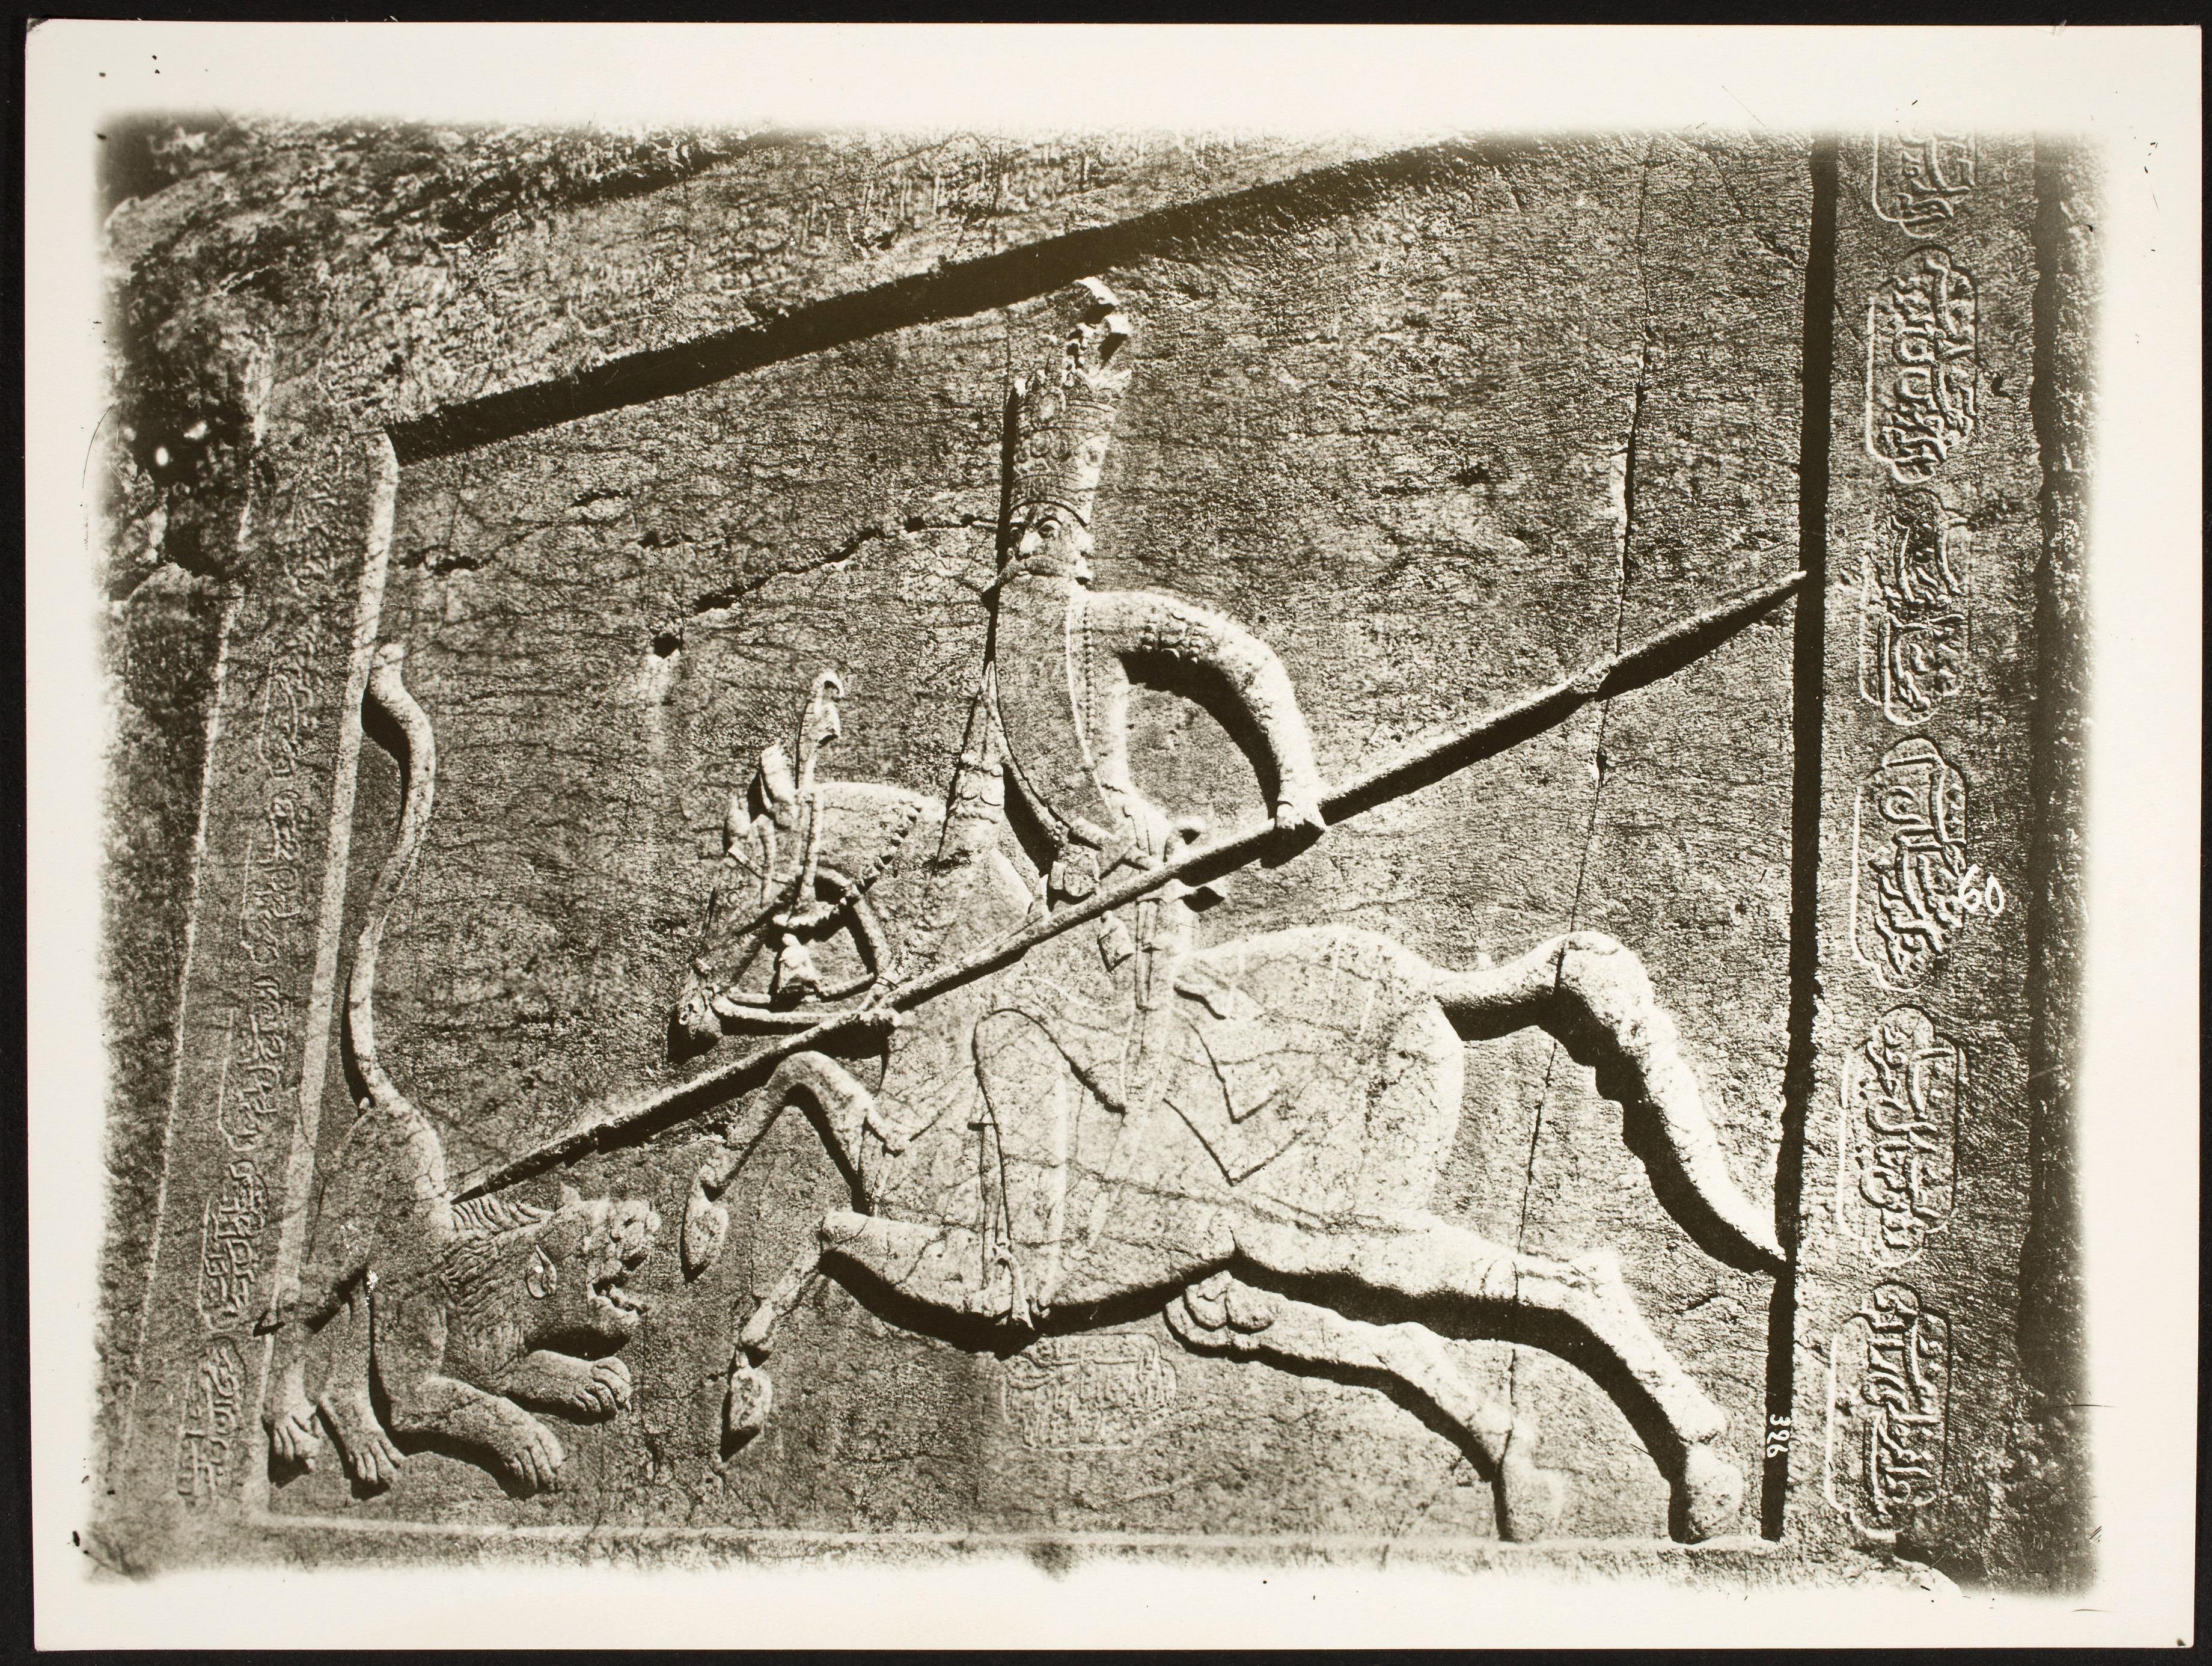 Шахри Рай. Рельефы каджарского периода, сделанные в «ново-сасанидском стиле» изображают Фетх Али-шаха